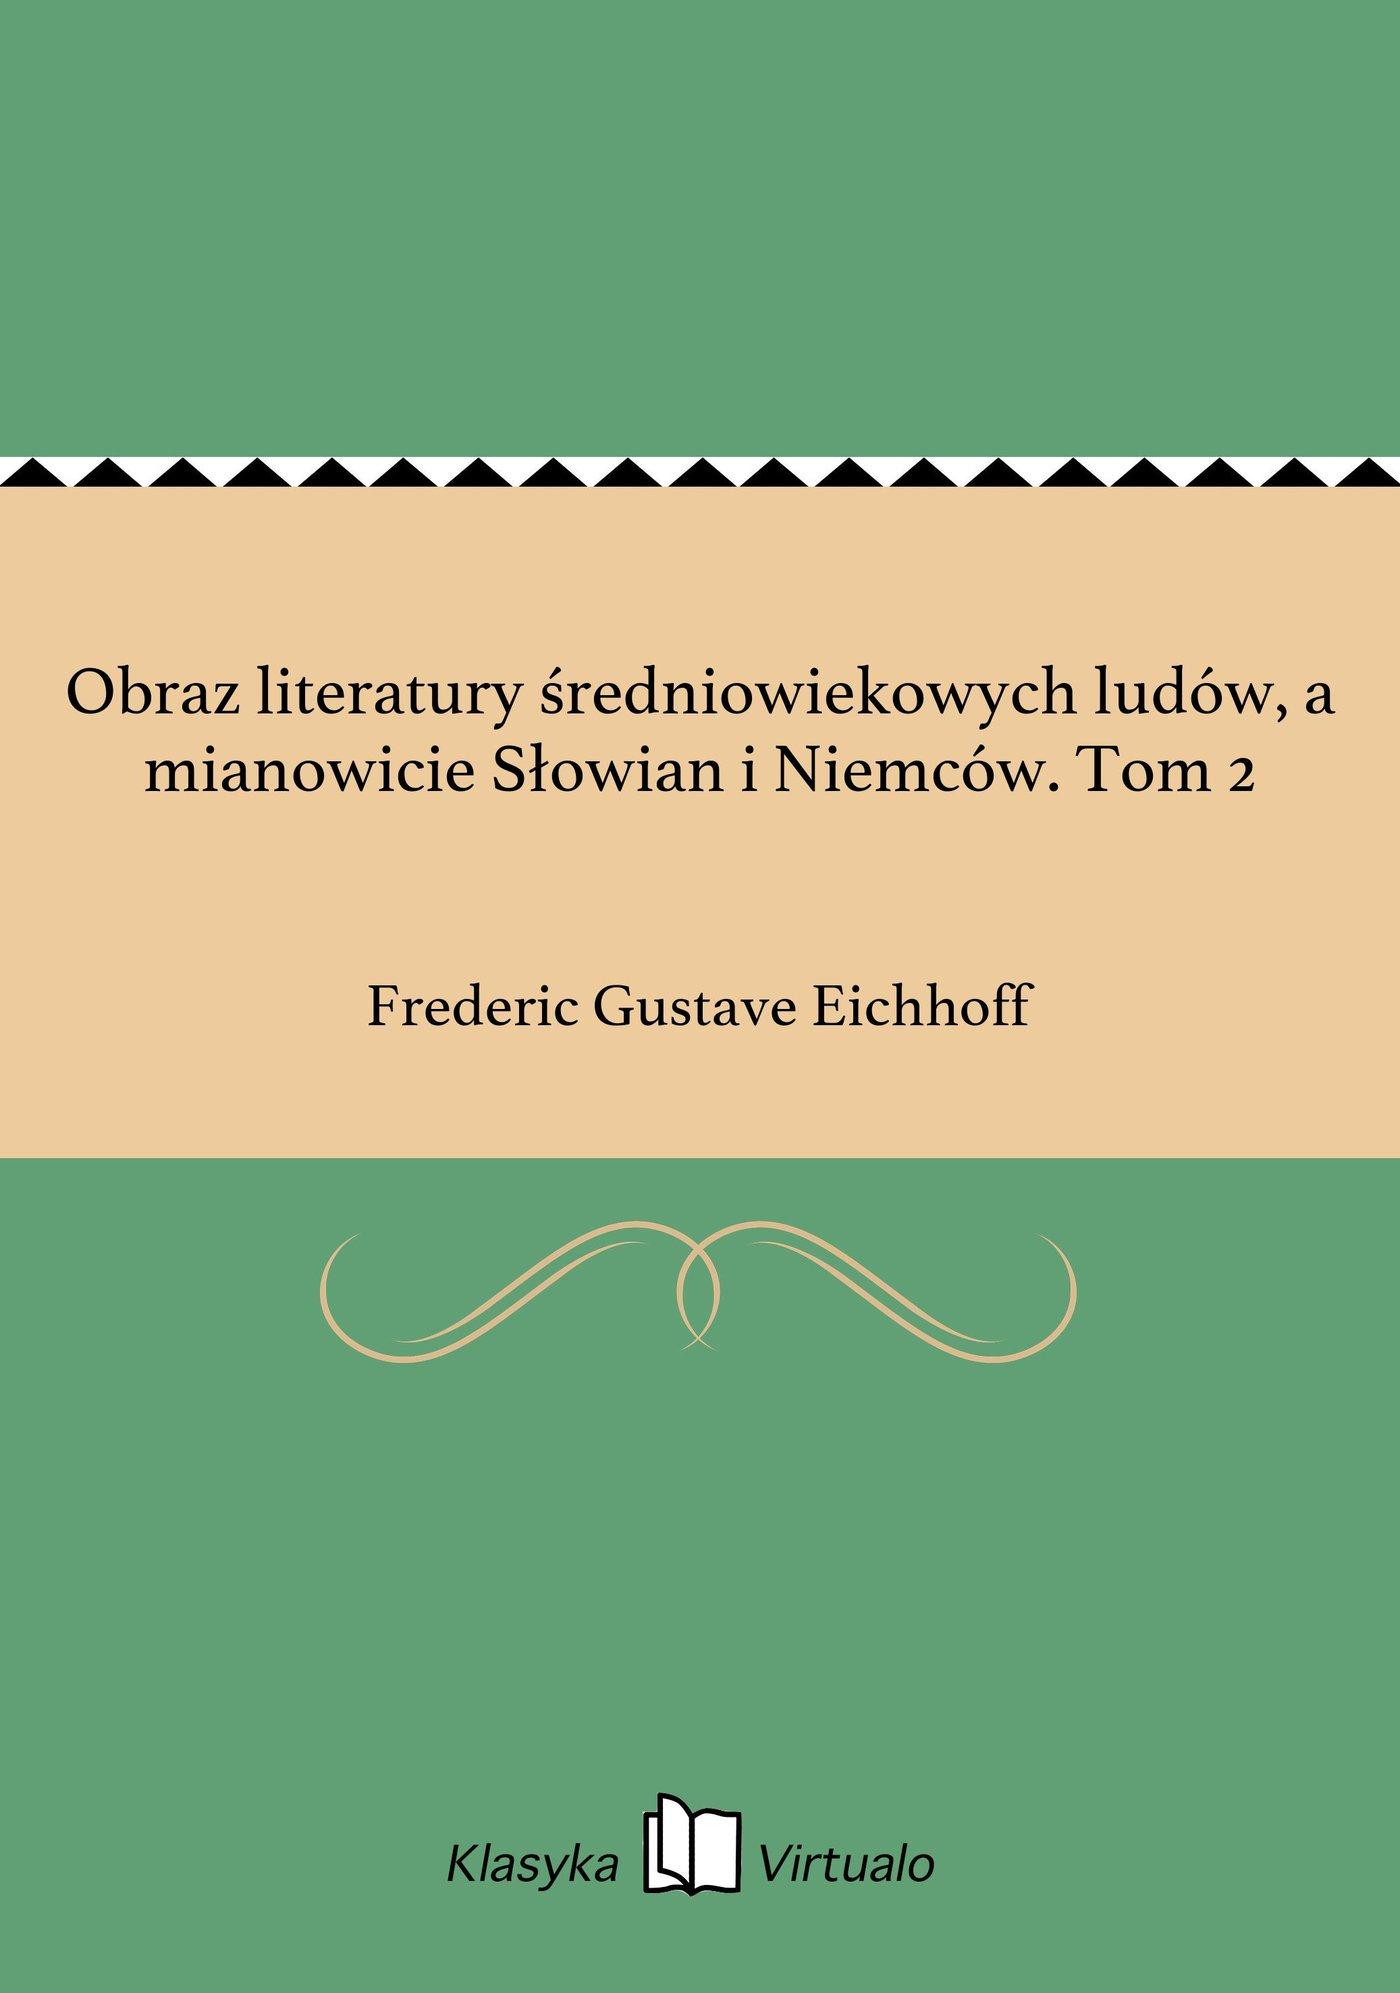 Obraz literatury średniowiekowych ludów, a mianowicie Słowian i Niemców. Tom 2 - Ebook (Książka na Kindle) do pobrania w formacie MOBI